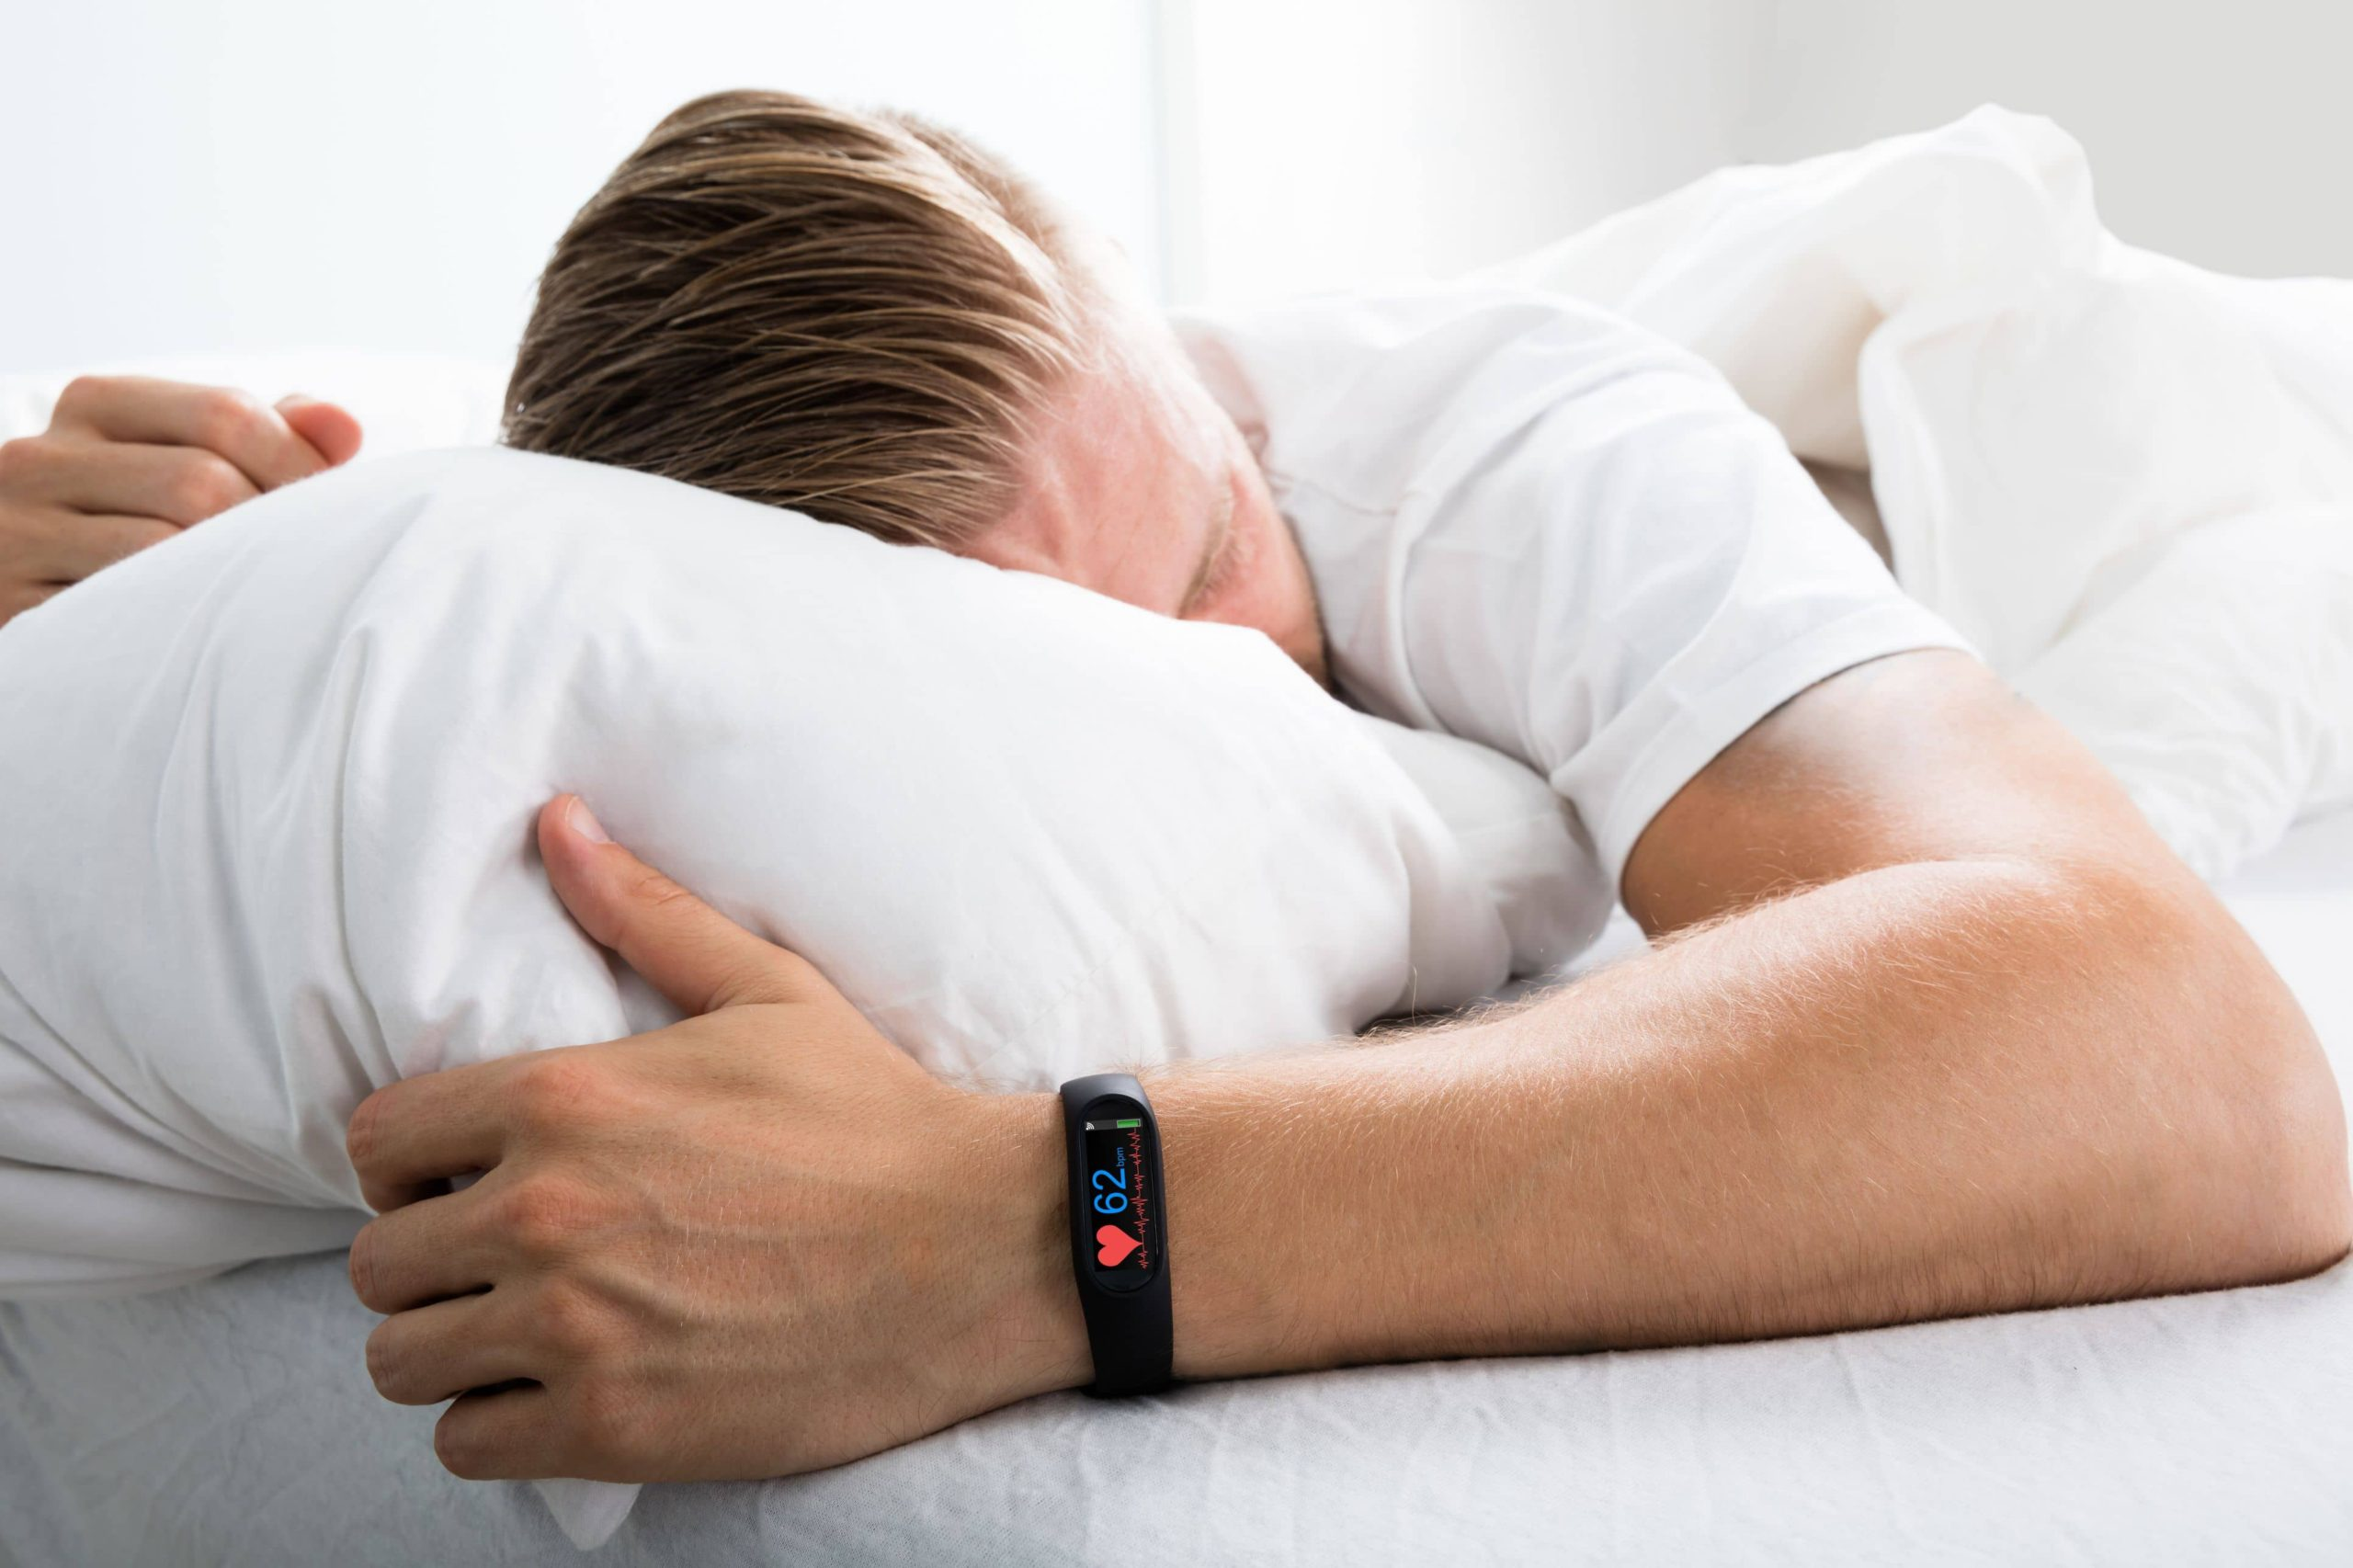 Berapa Kalori Yang Terbakar Semasa Kita Tidur? Adakah Tidur Punca Berat Badan Naik?